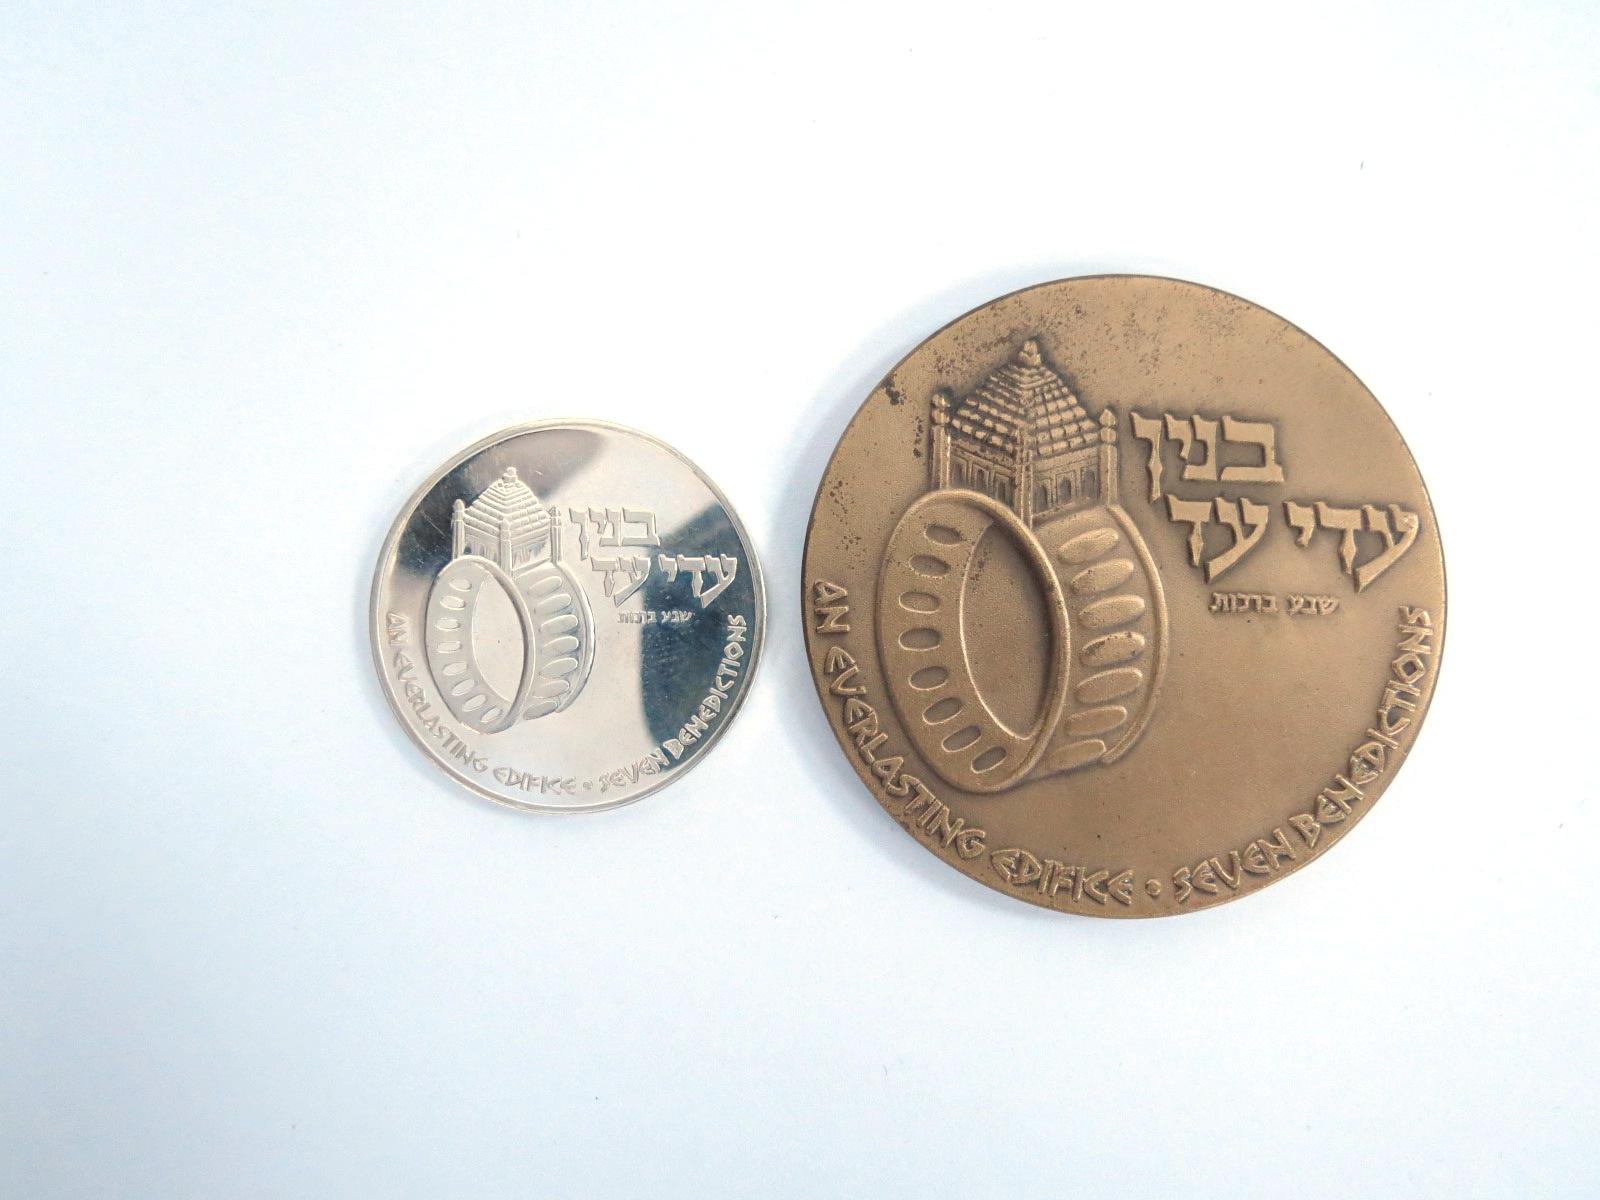 """שתי מדליות, בנין עדי עד: כסף, 26 גרם, ברונזה, קוטר 58 מ""""מ"""